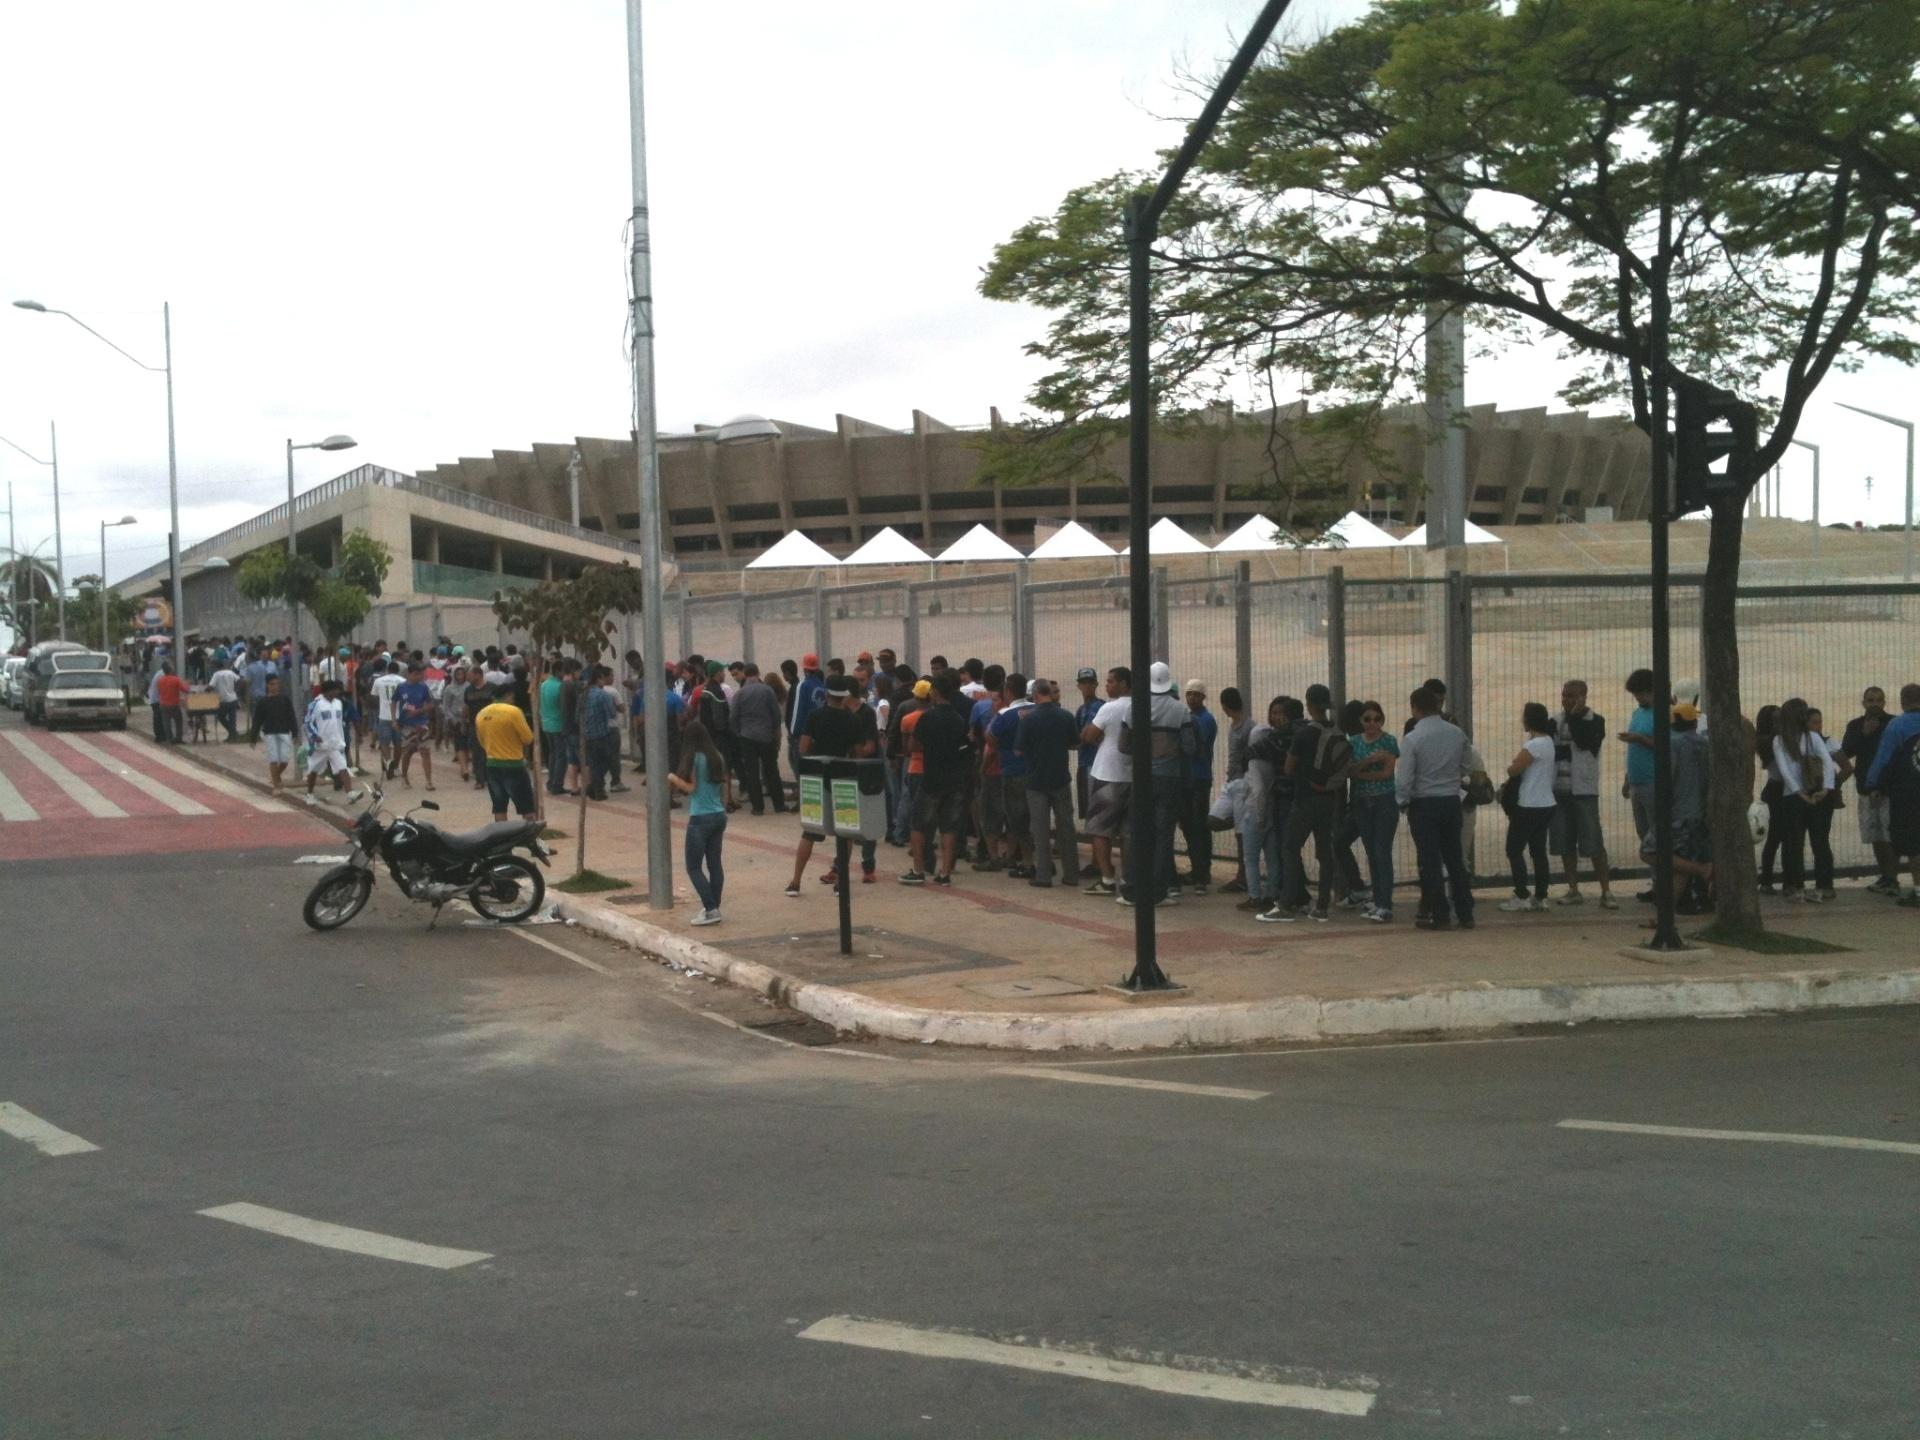 e9cf89a4a1 Cruzeirenses lotam postos de venda de ingressos para jogo com São Paulo -  07 10 2013 - UOL Esporte